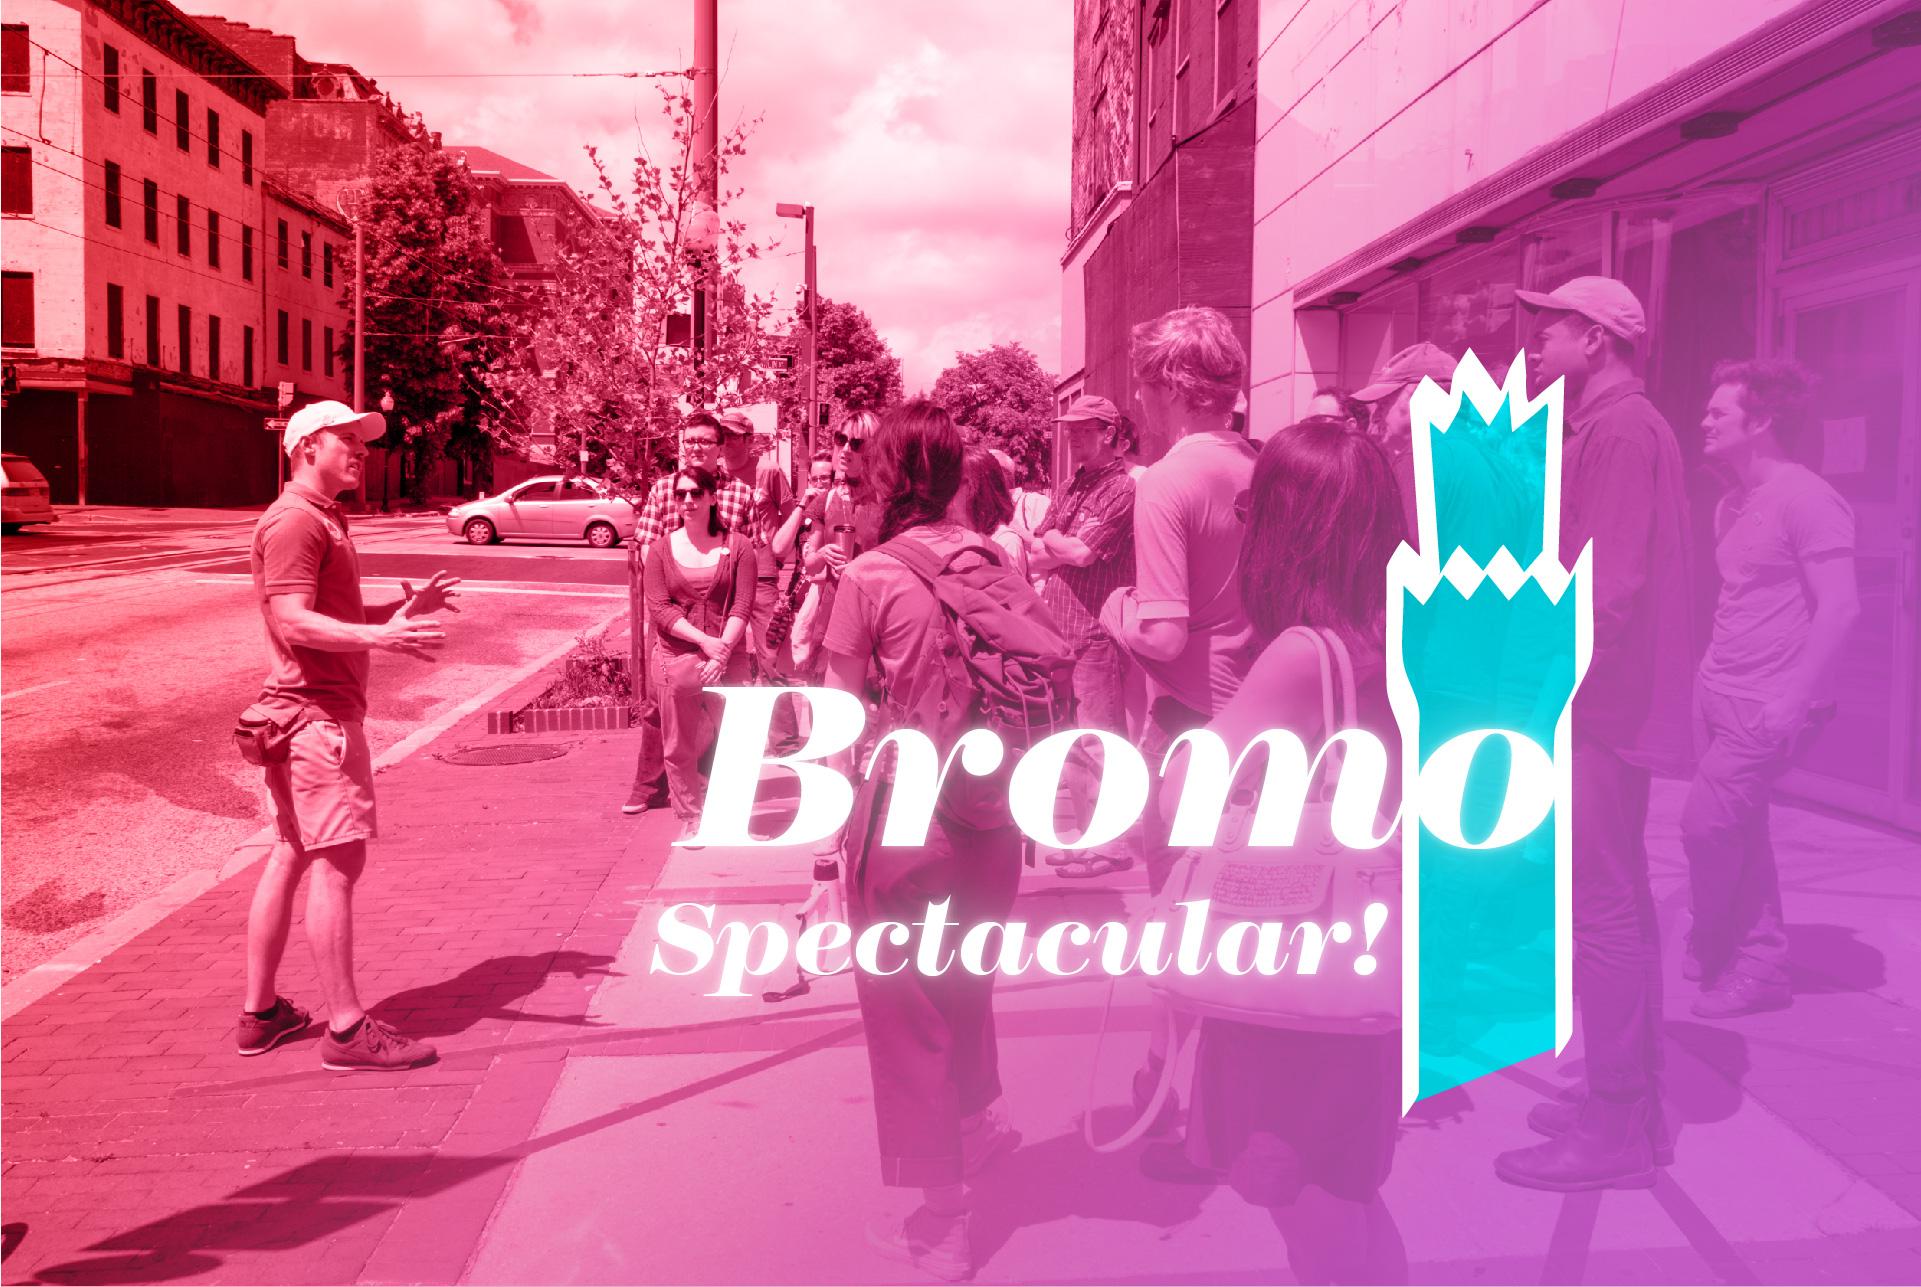 New Public Sites Bromo Spectacular